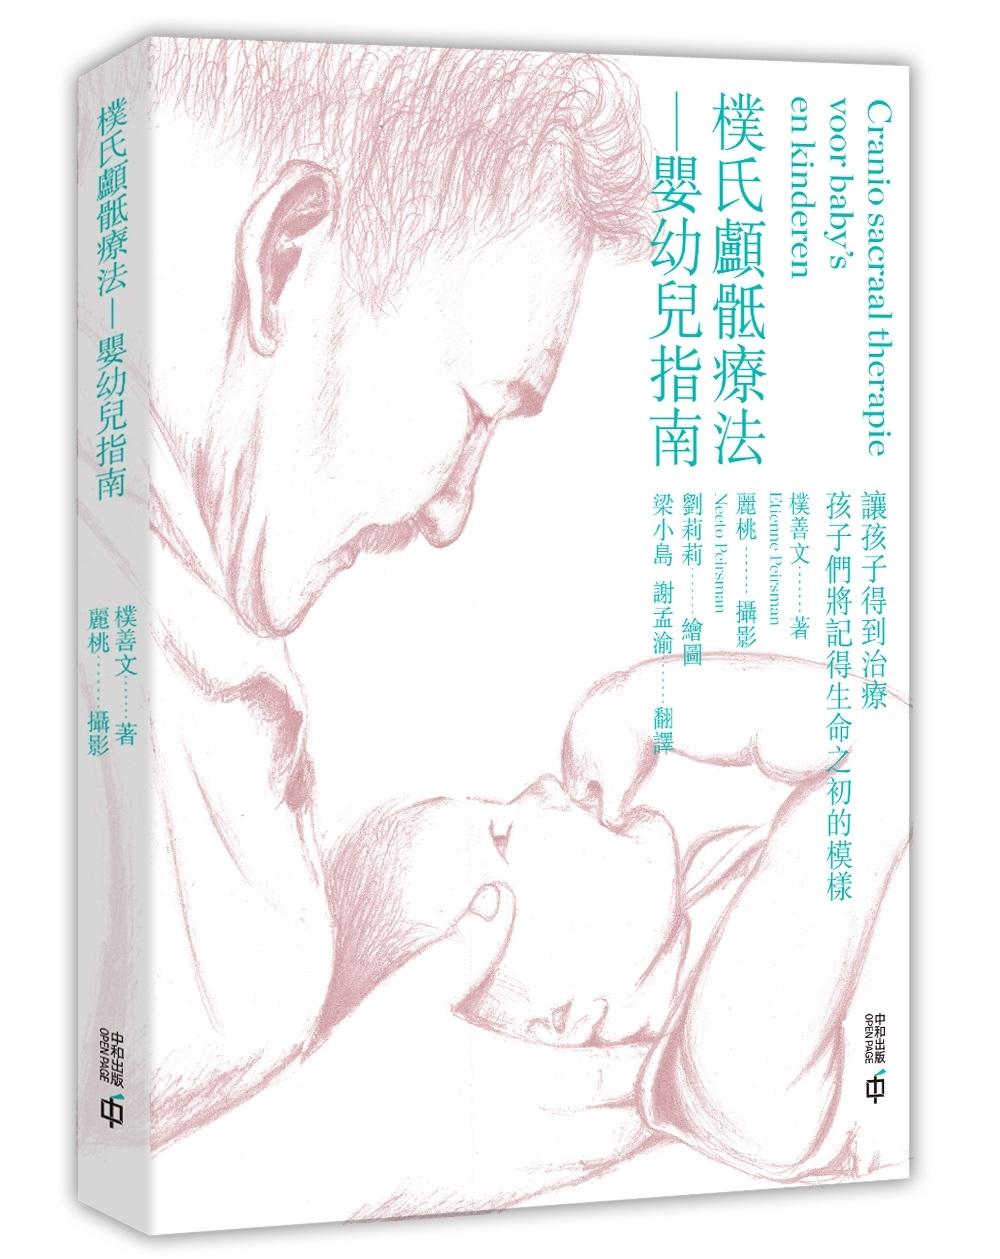 樸氏顱骶療法:嬰幼兒指南